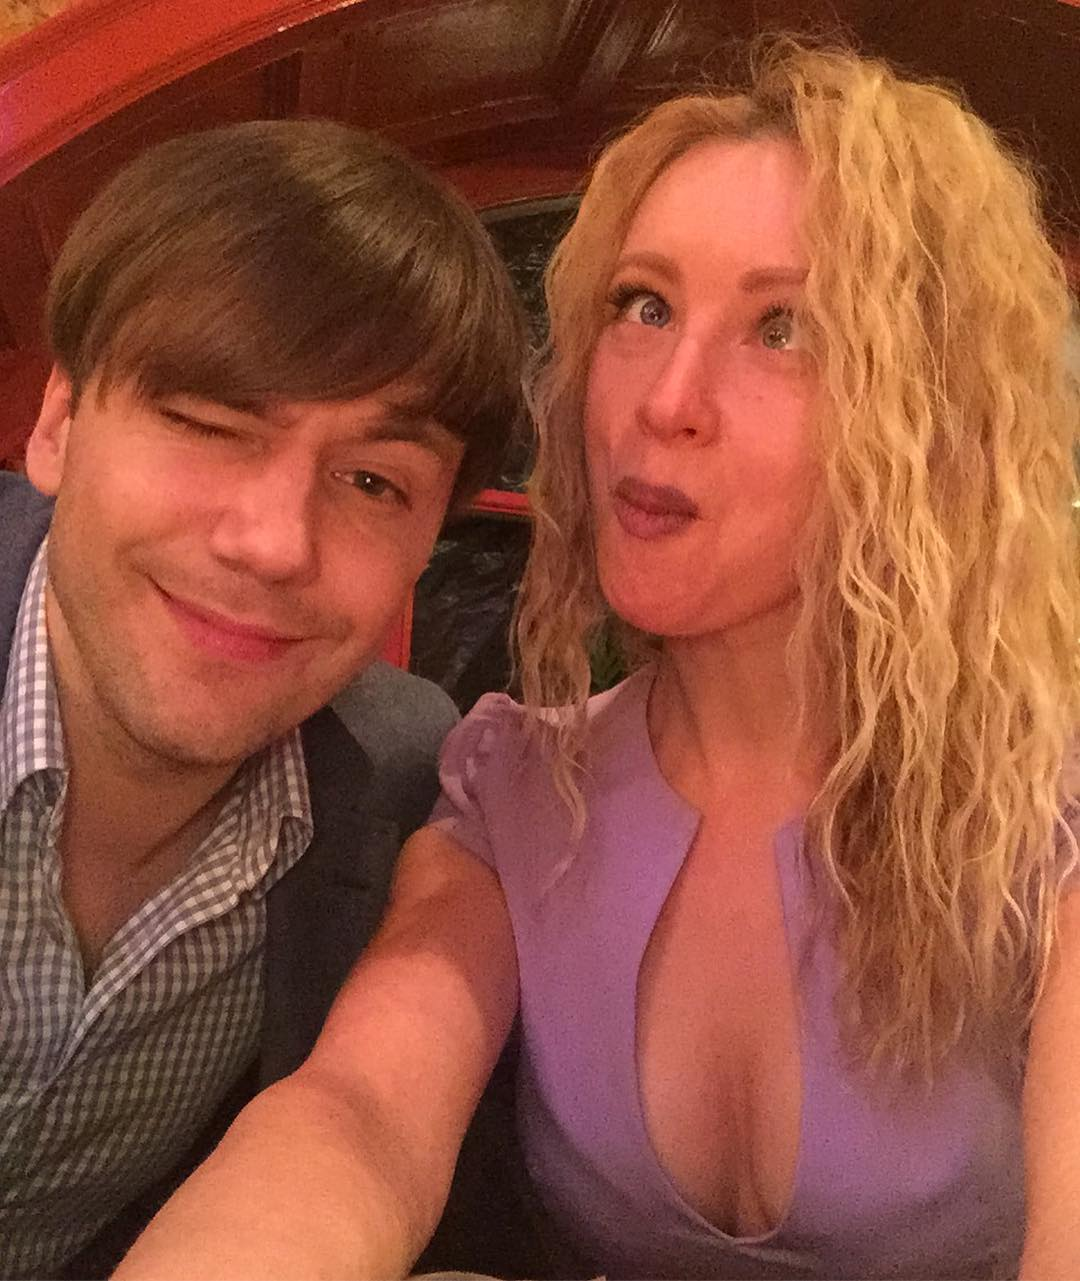 Ирина Темичева: С красивым Иваном @ivancarevich1 работу работаем, или не работаем, короче все как надо   #ночныесмены#выпрекрасны